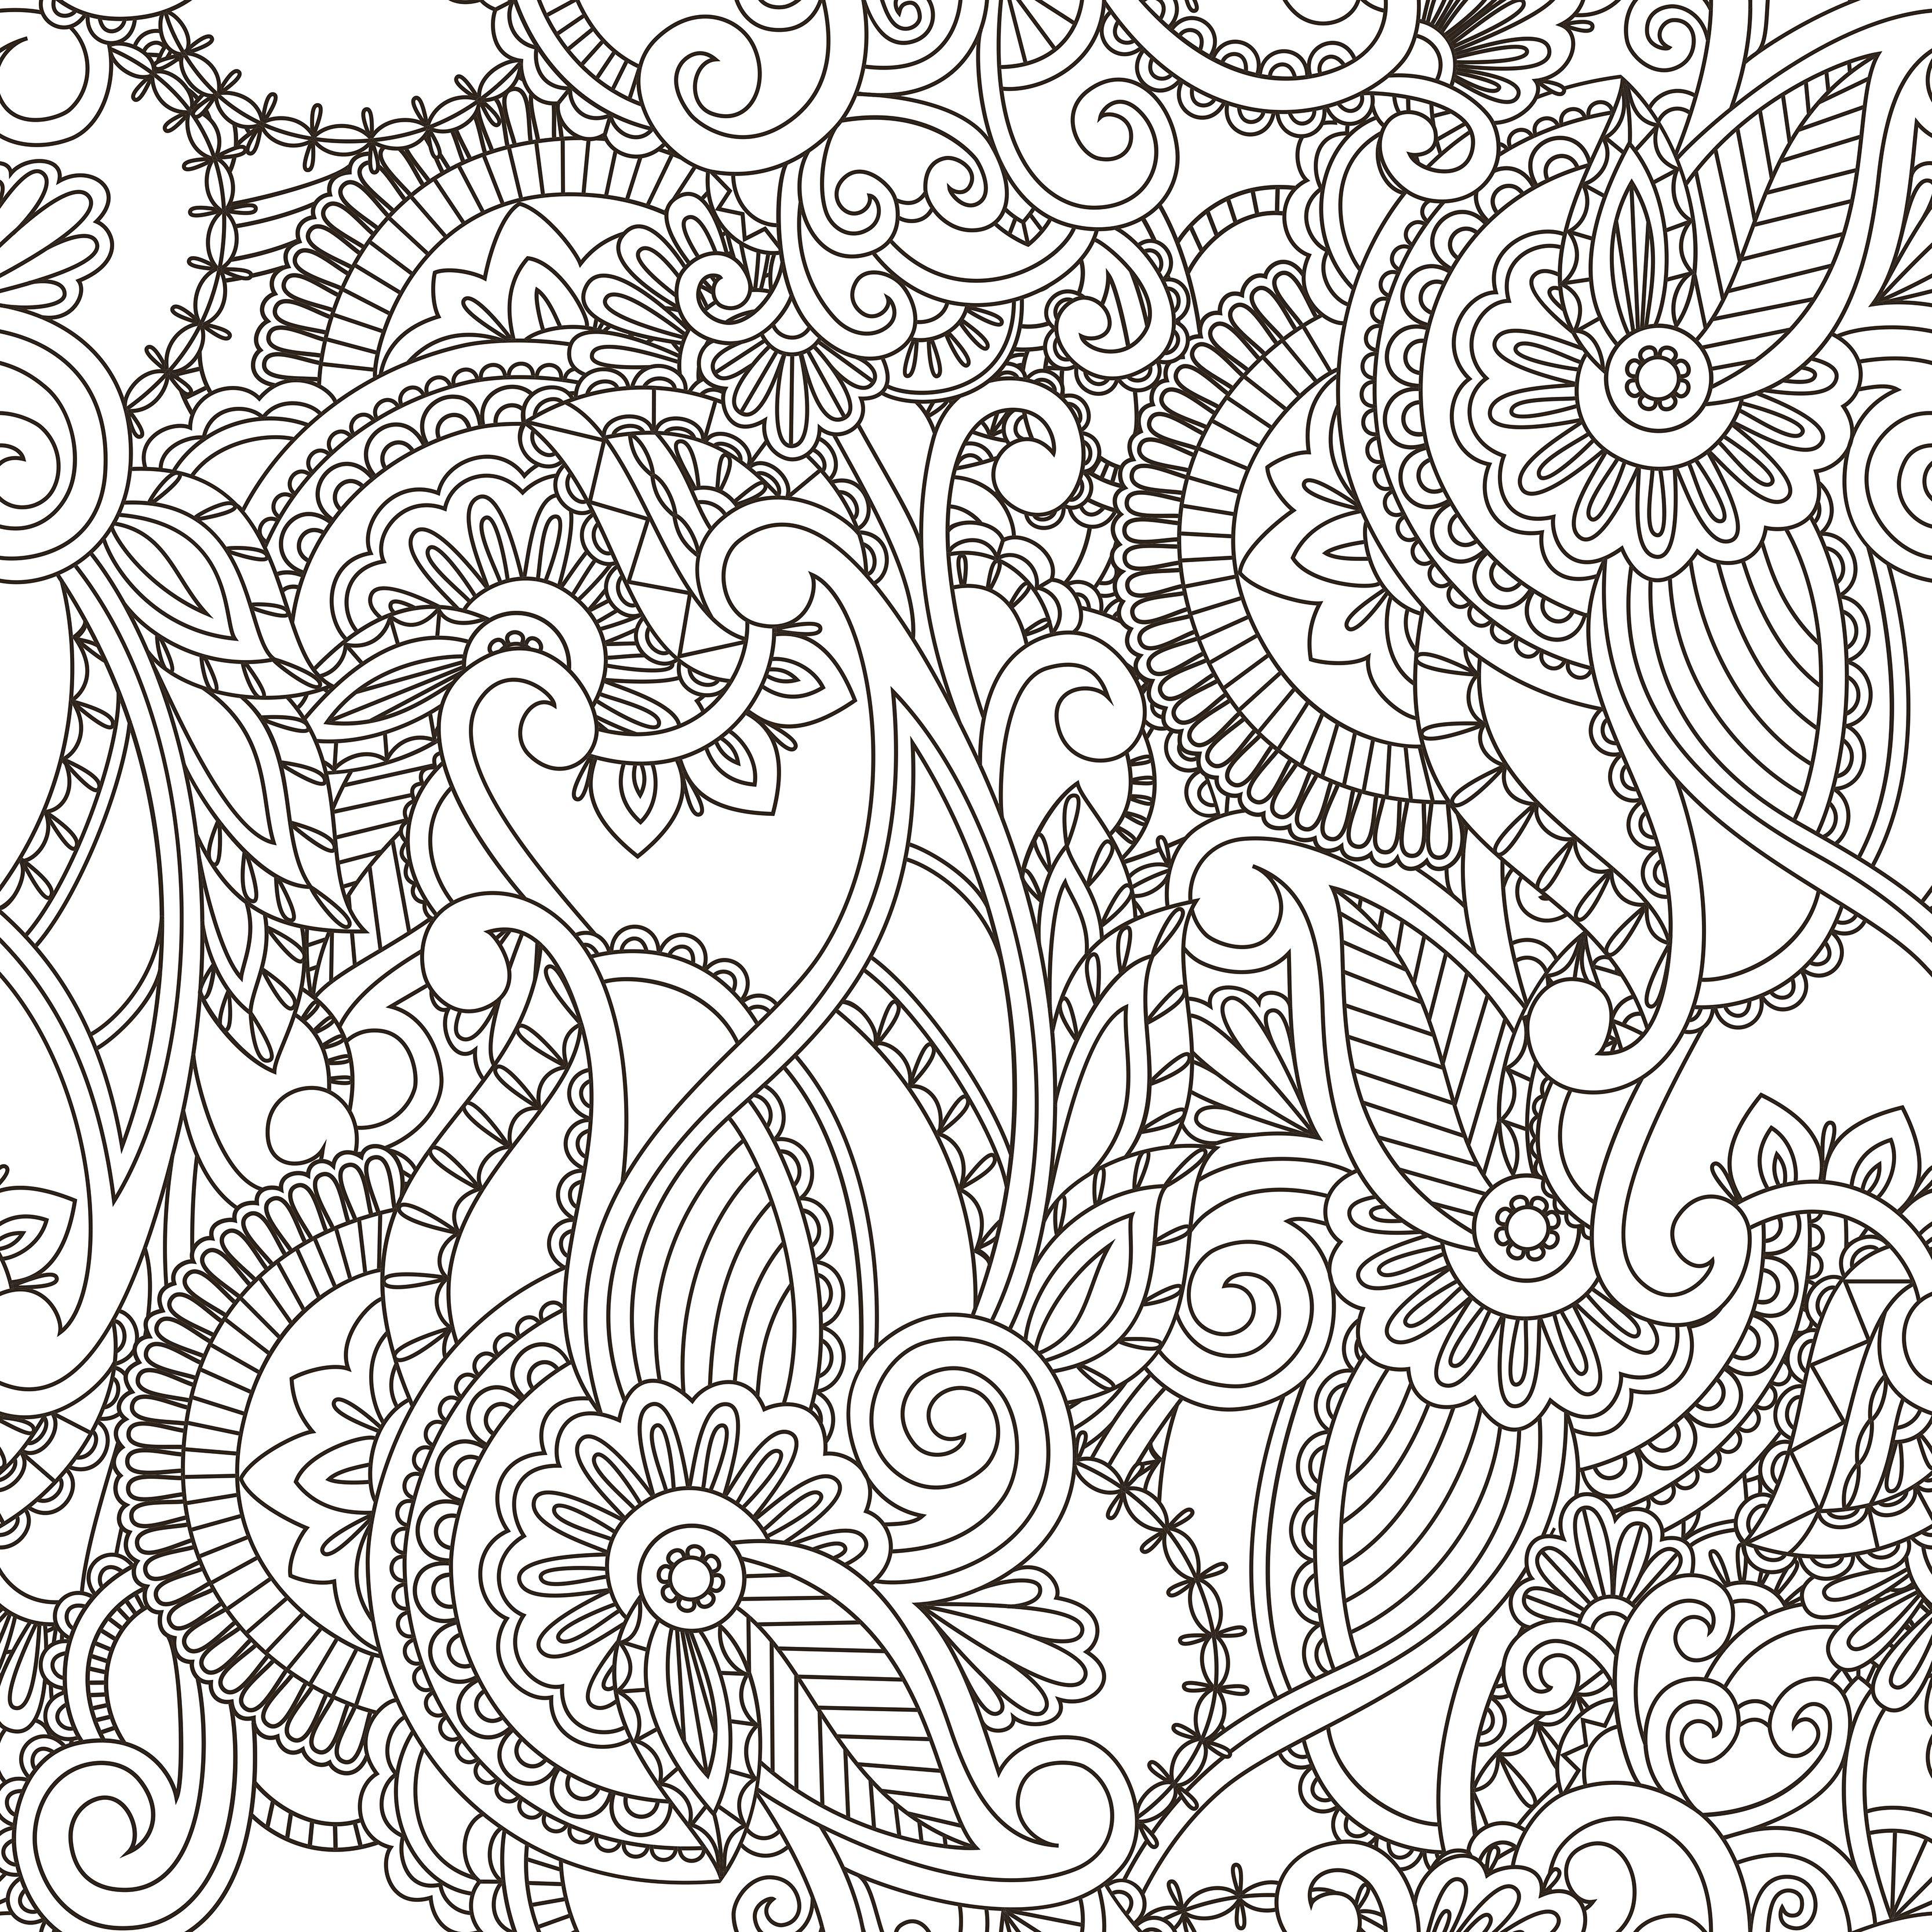 Раскраска антистресс абстракция популярных частей